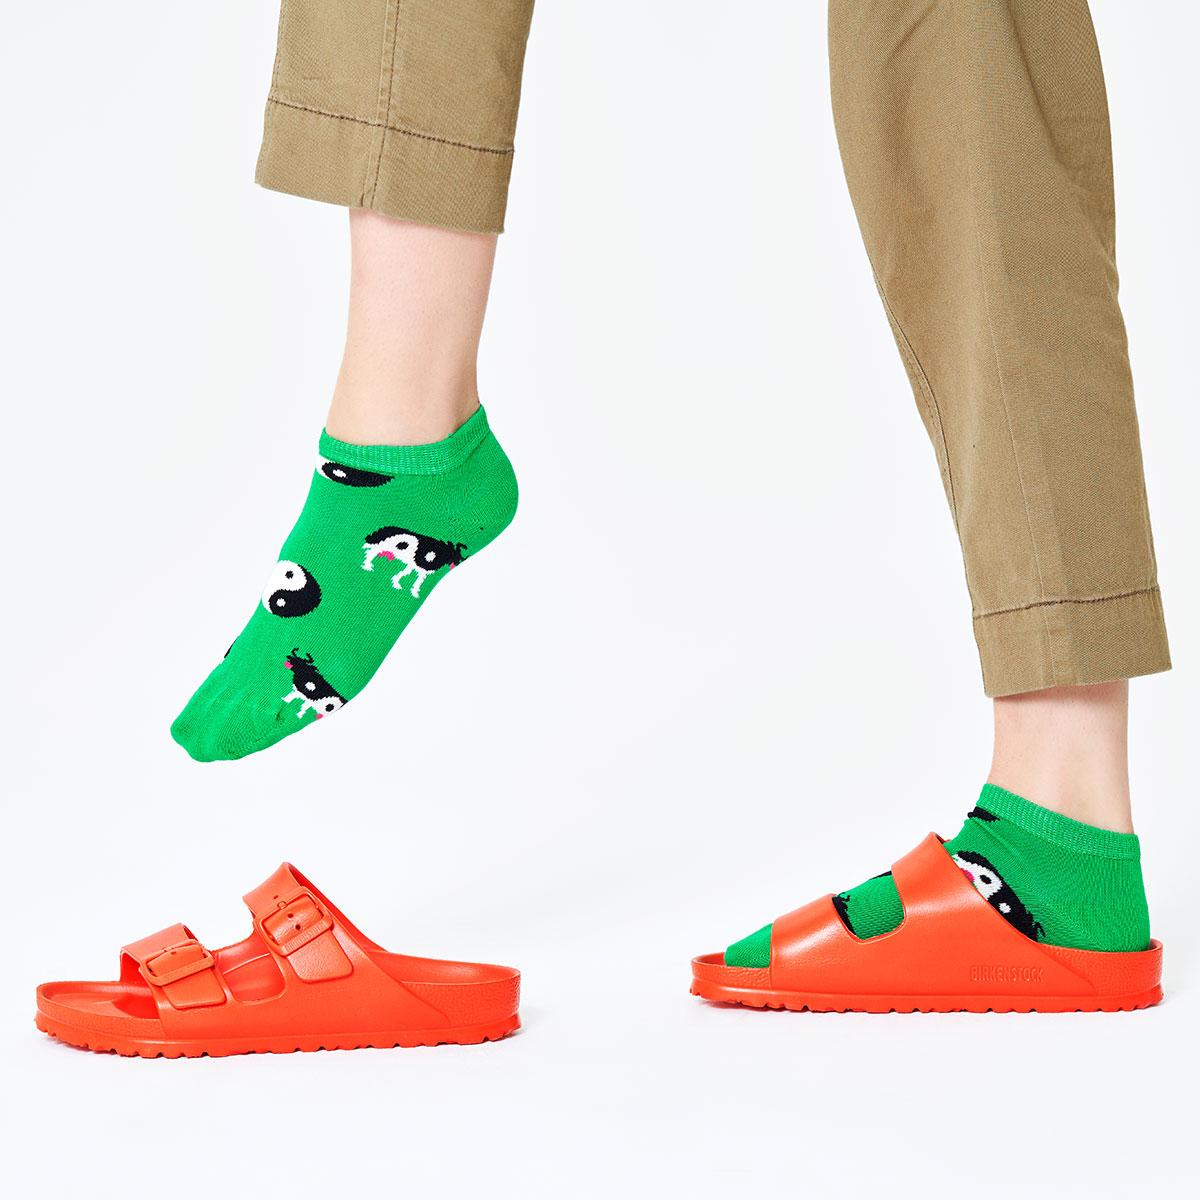 セール!Happy Socks ハッピーソックス  YIN YANG COW ( インヤンカウ ) スニーカー丈 綿混 レディース ソックス 靴下 女性 婦人 プレゼント ギフト 11127016